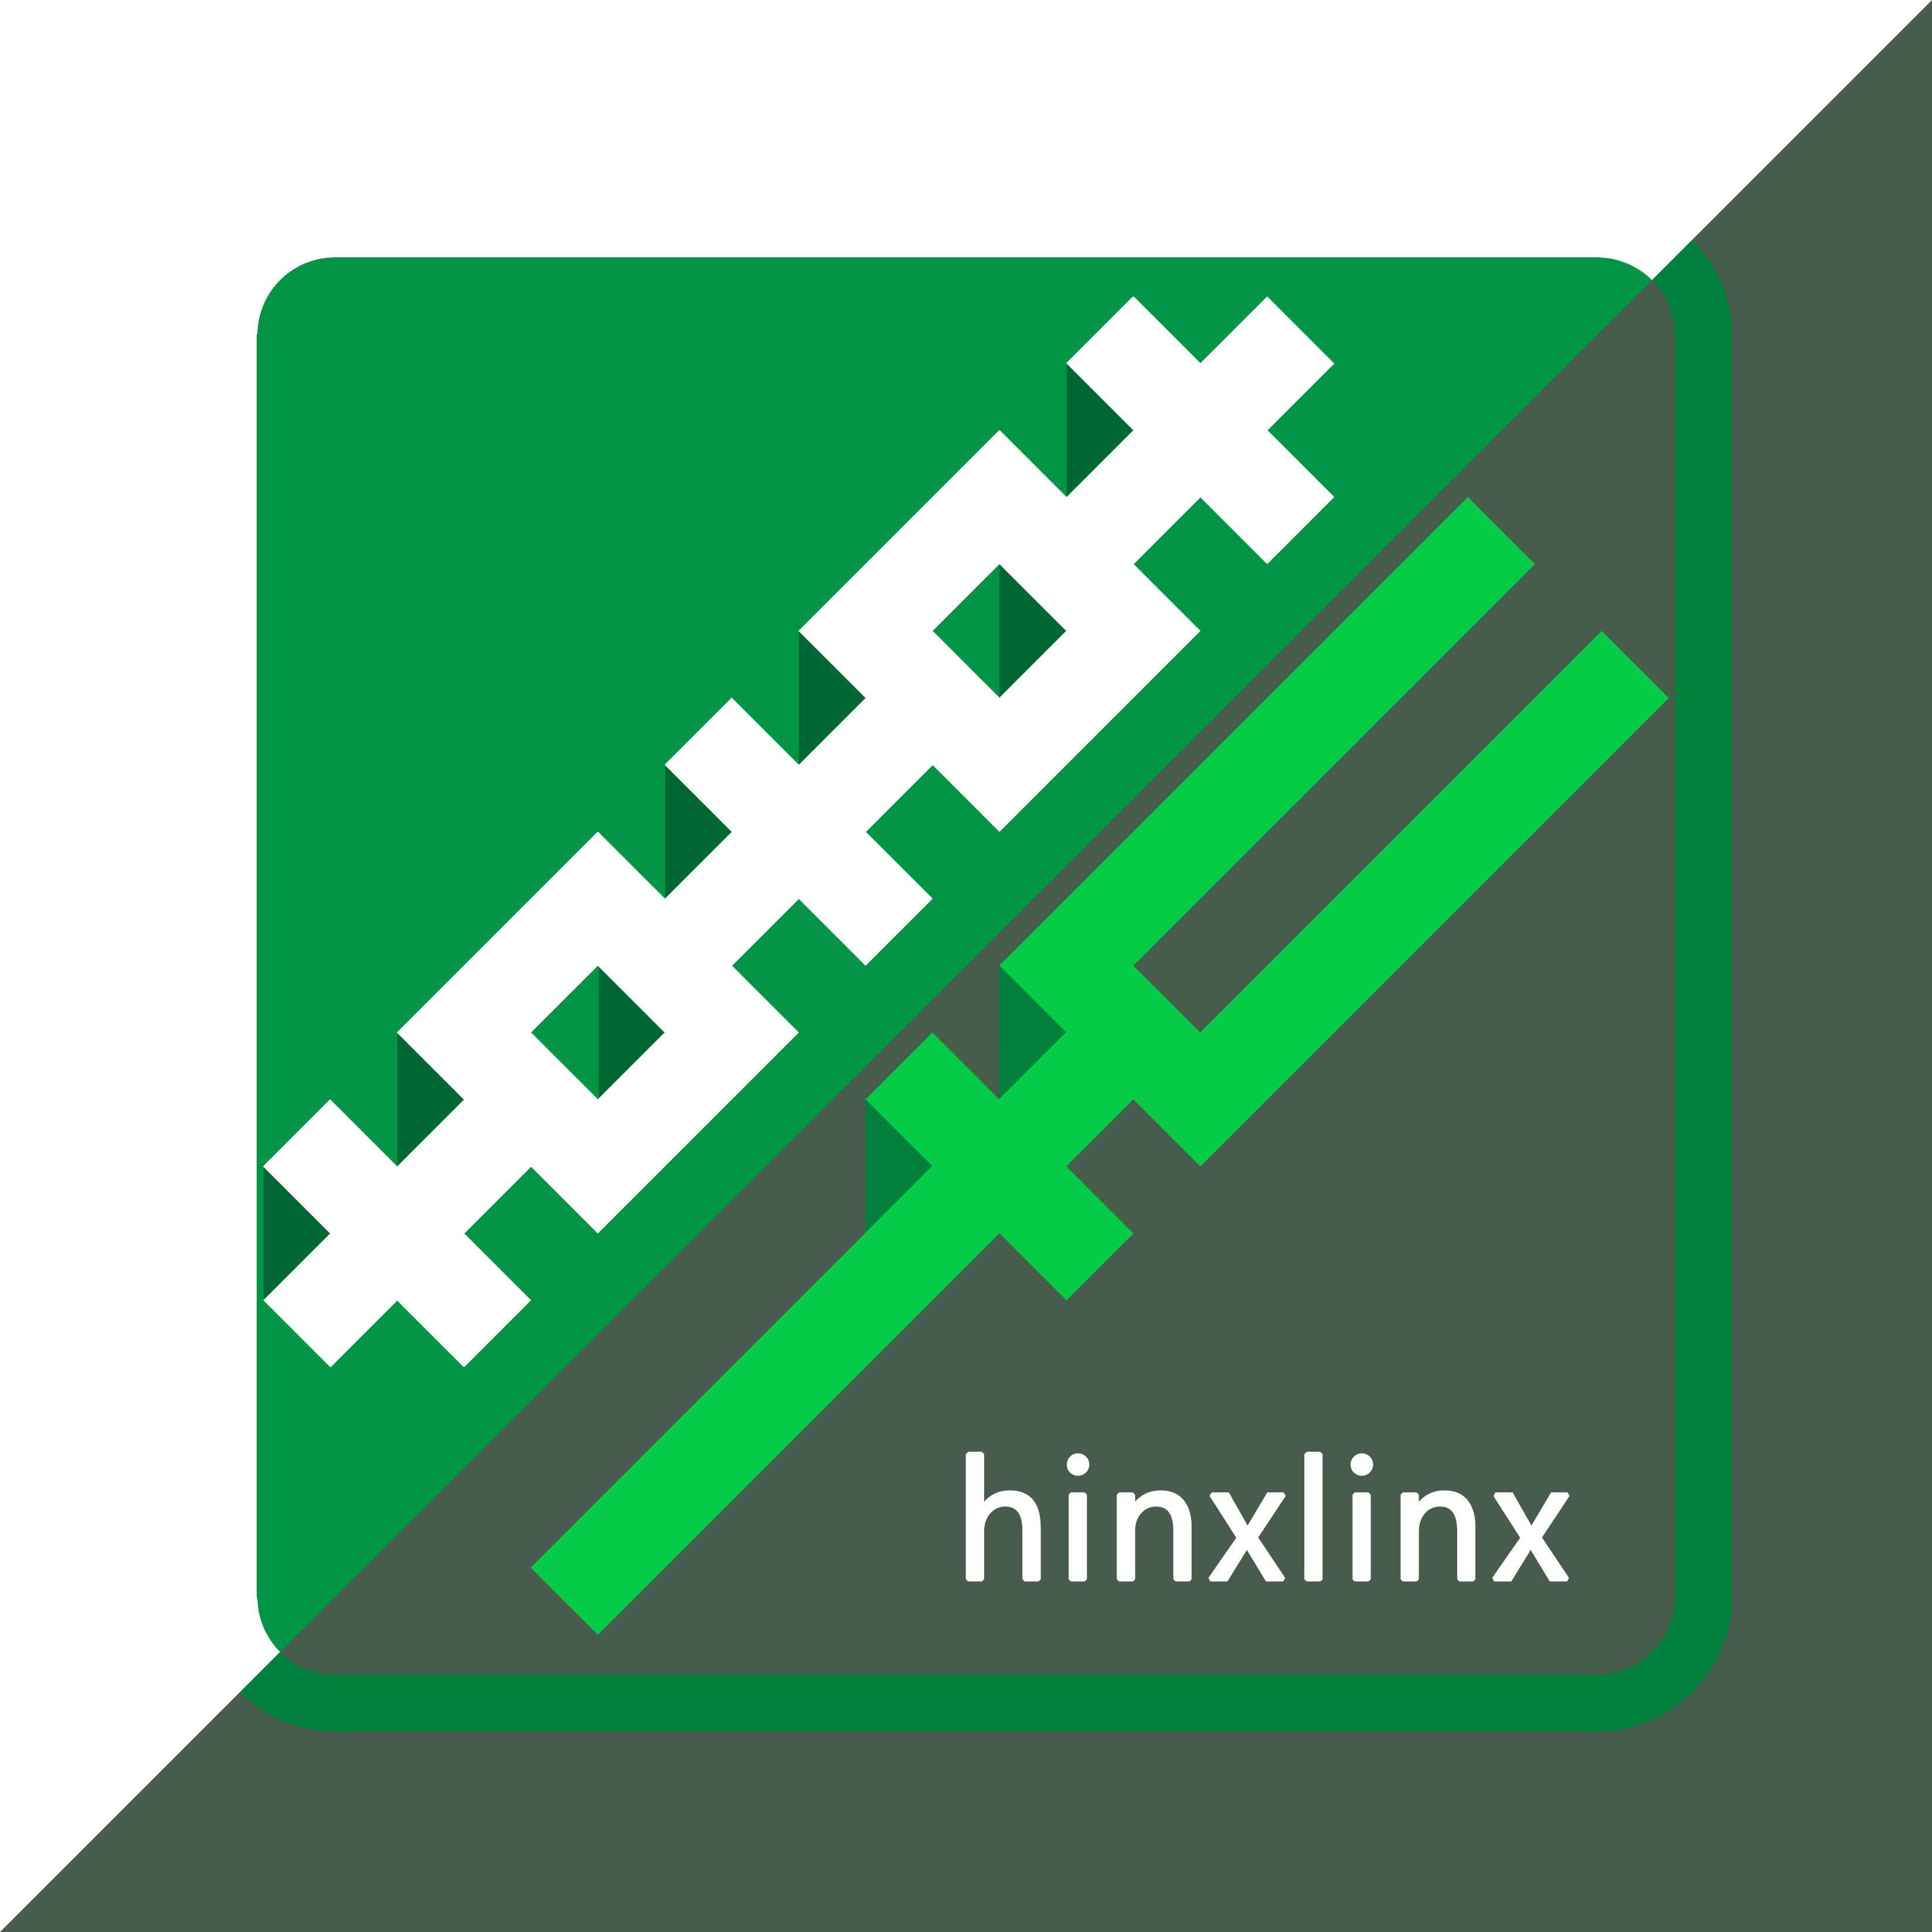 hinxlinx DeviantArt Avatar 2019 V